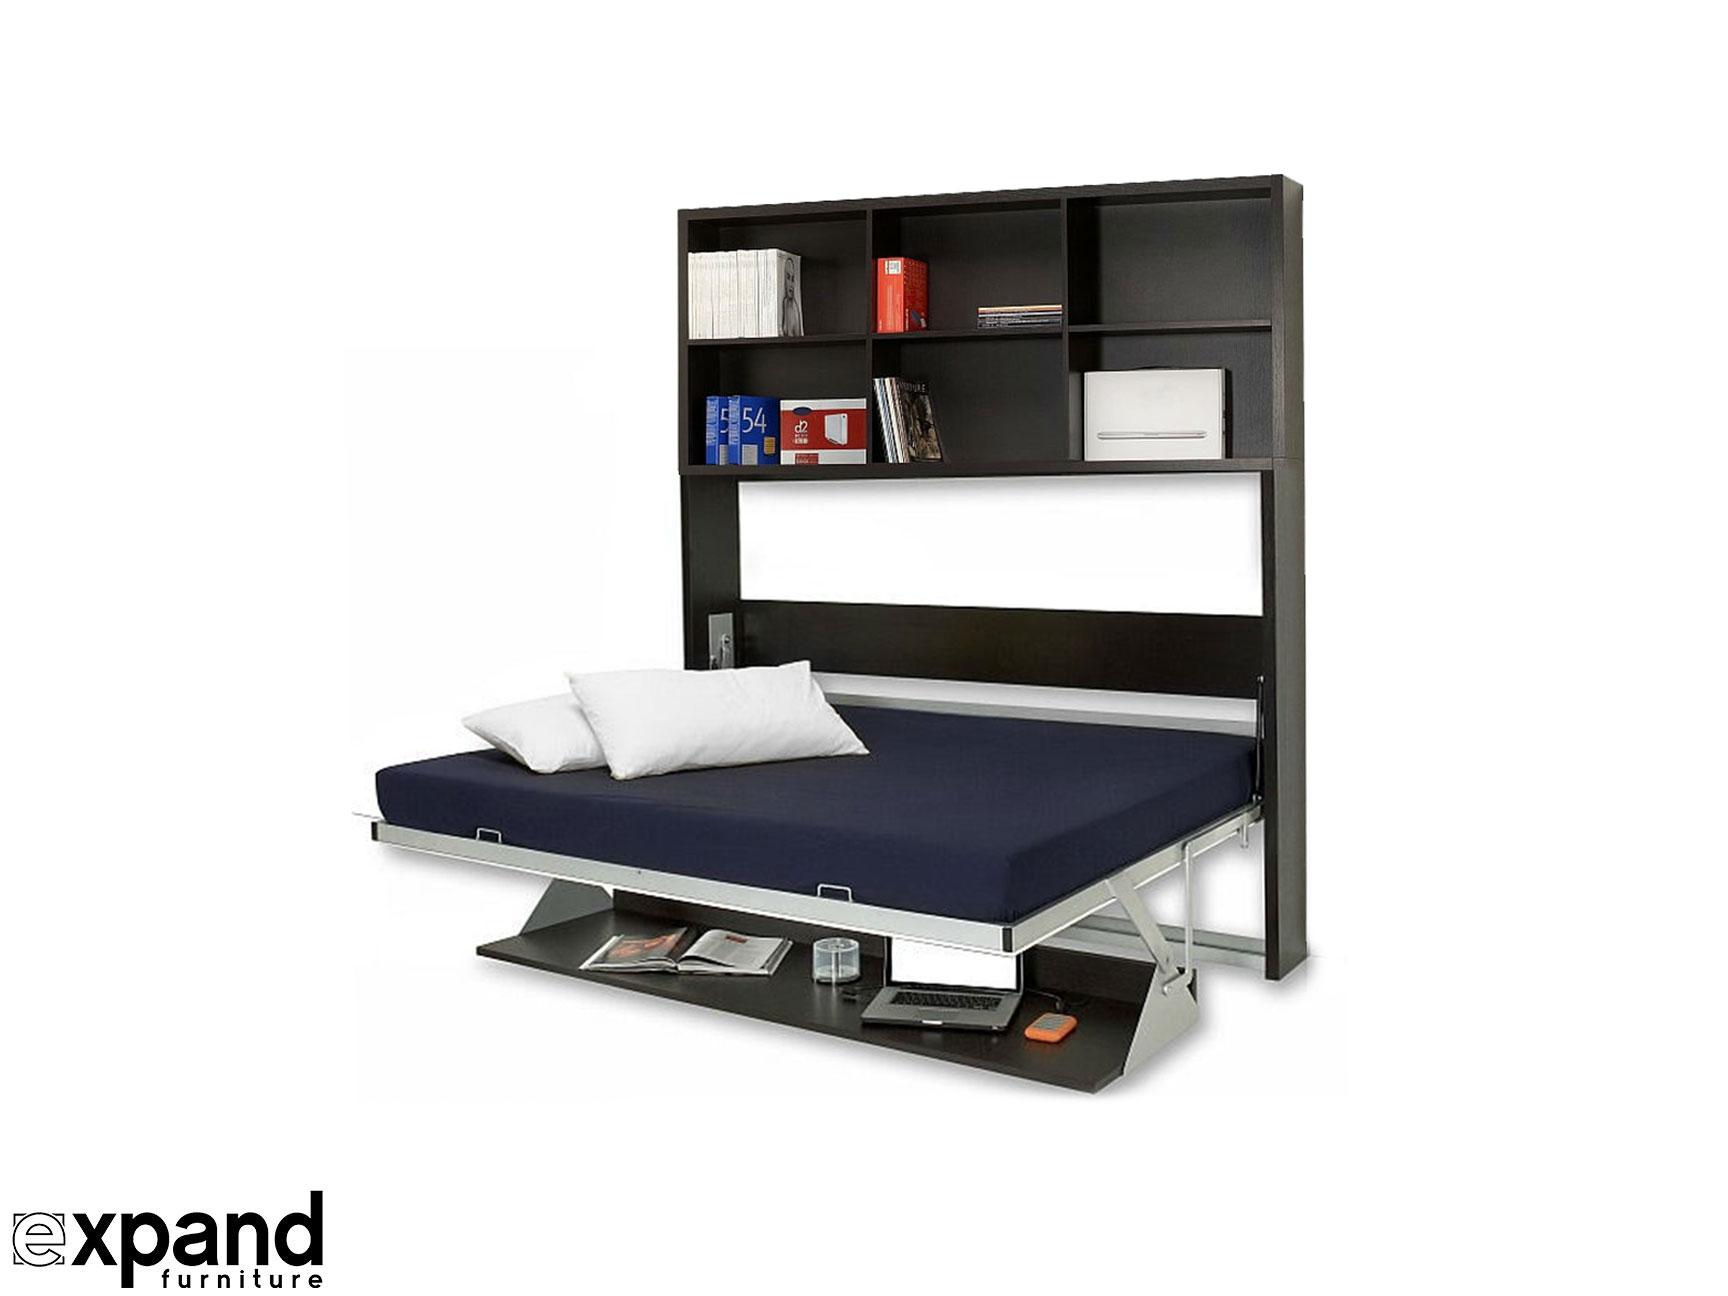 Bed desk prev BQSNIYC